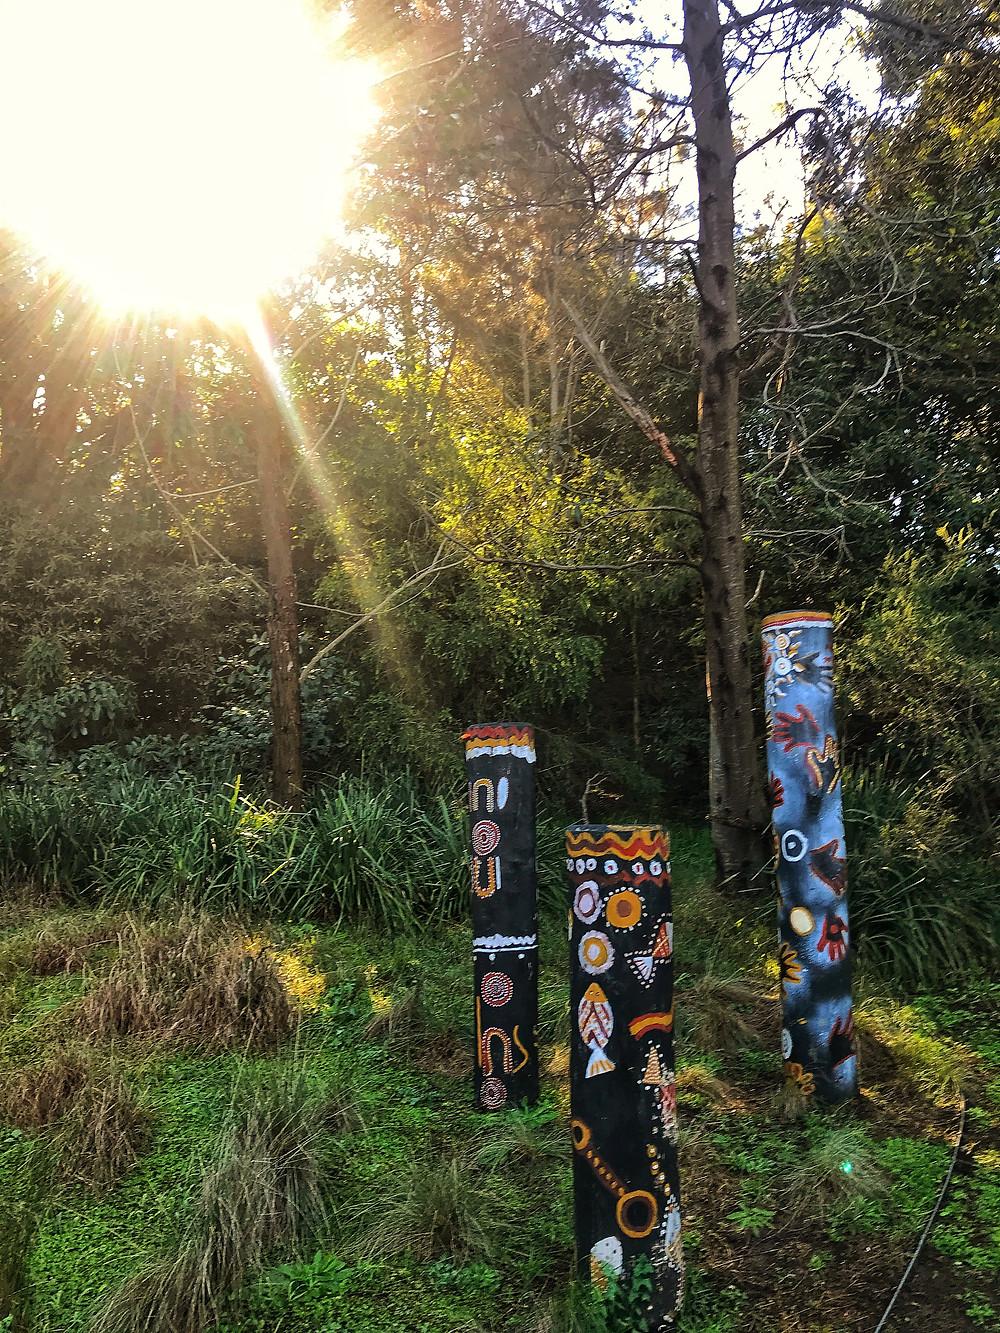 forage-workshop-inner-west-sydney-diego-bonetto-clovarcreative-aboriginal